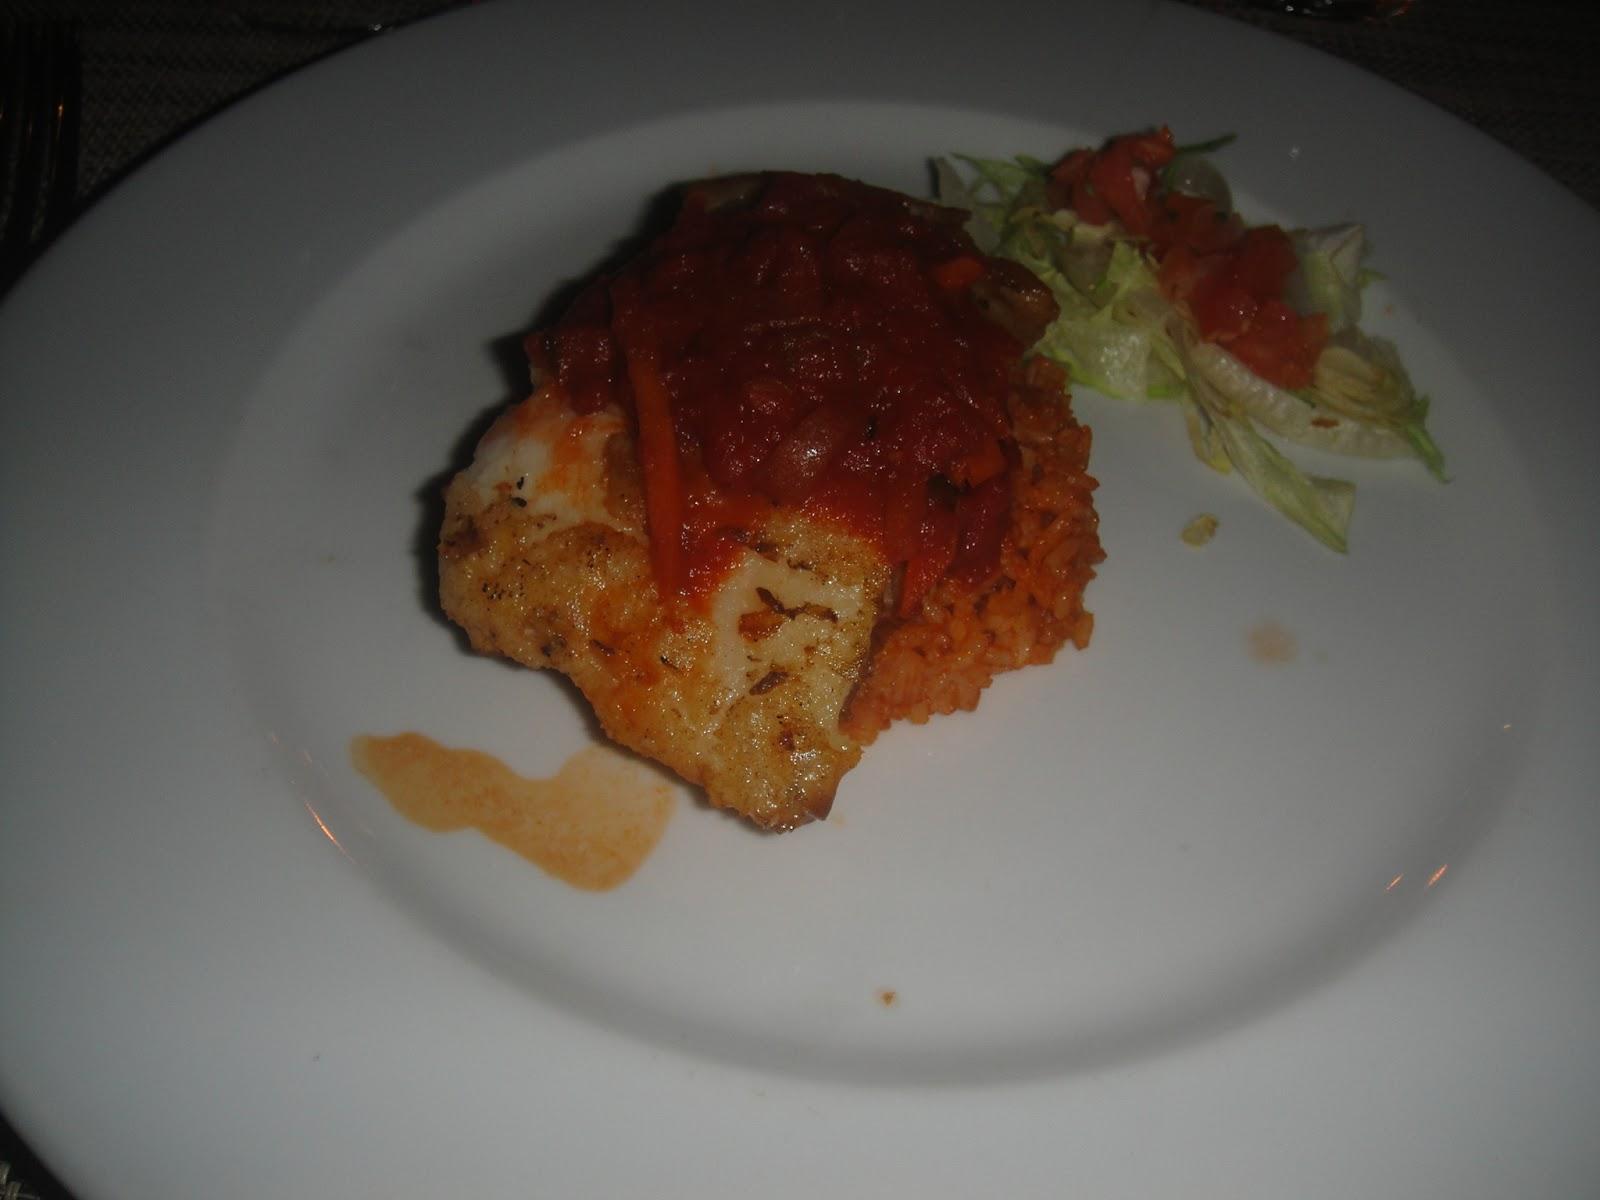 Gostosa servindo no restaurante cuzuda - 3 part 10